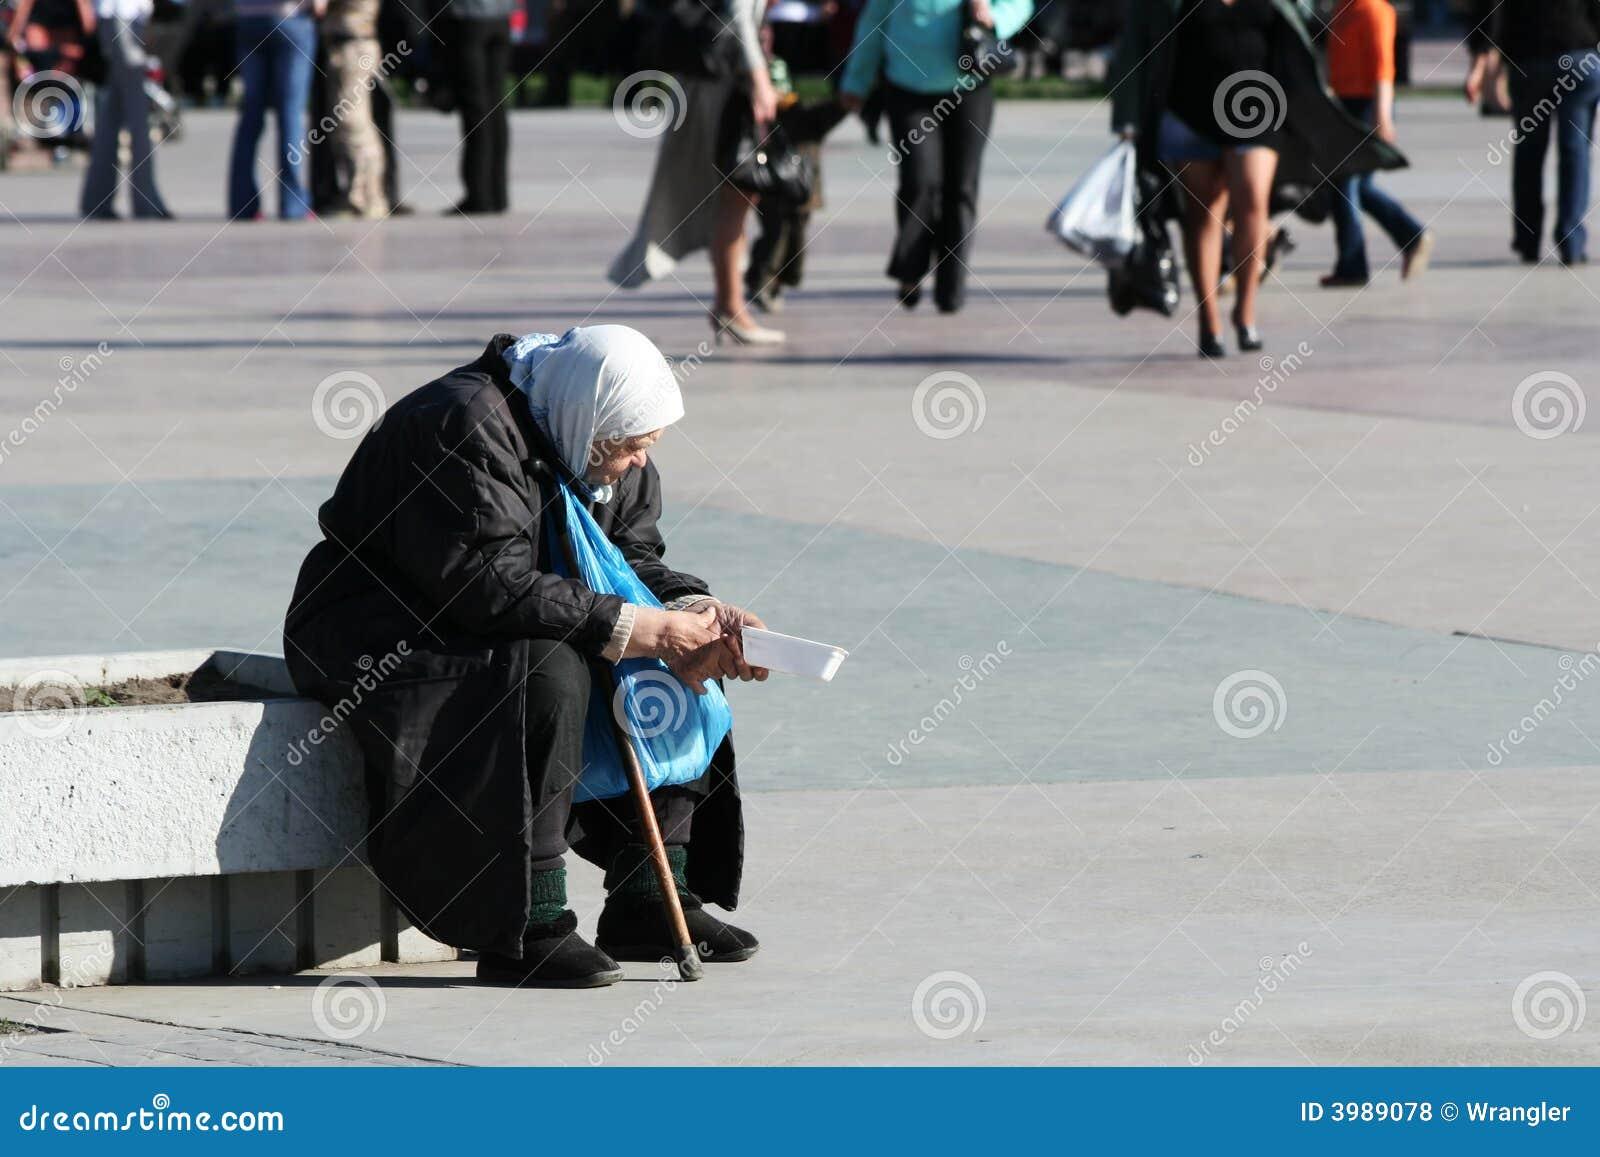 Povertà e solitudine.